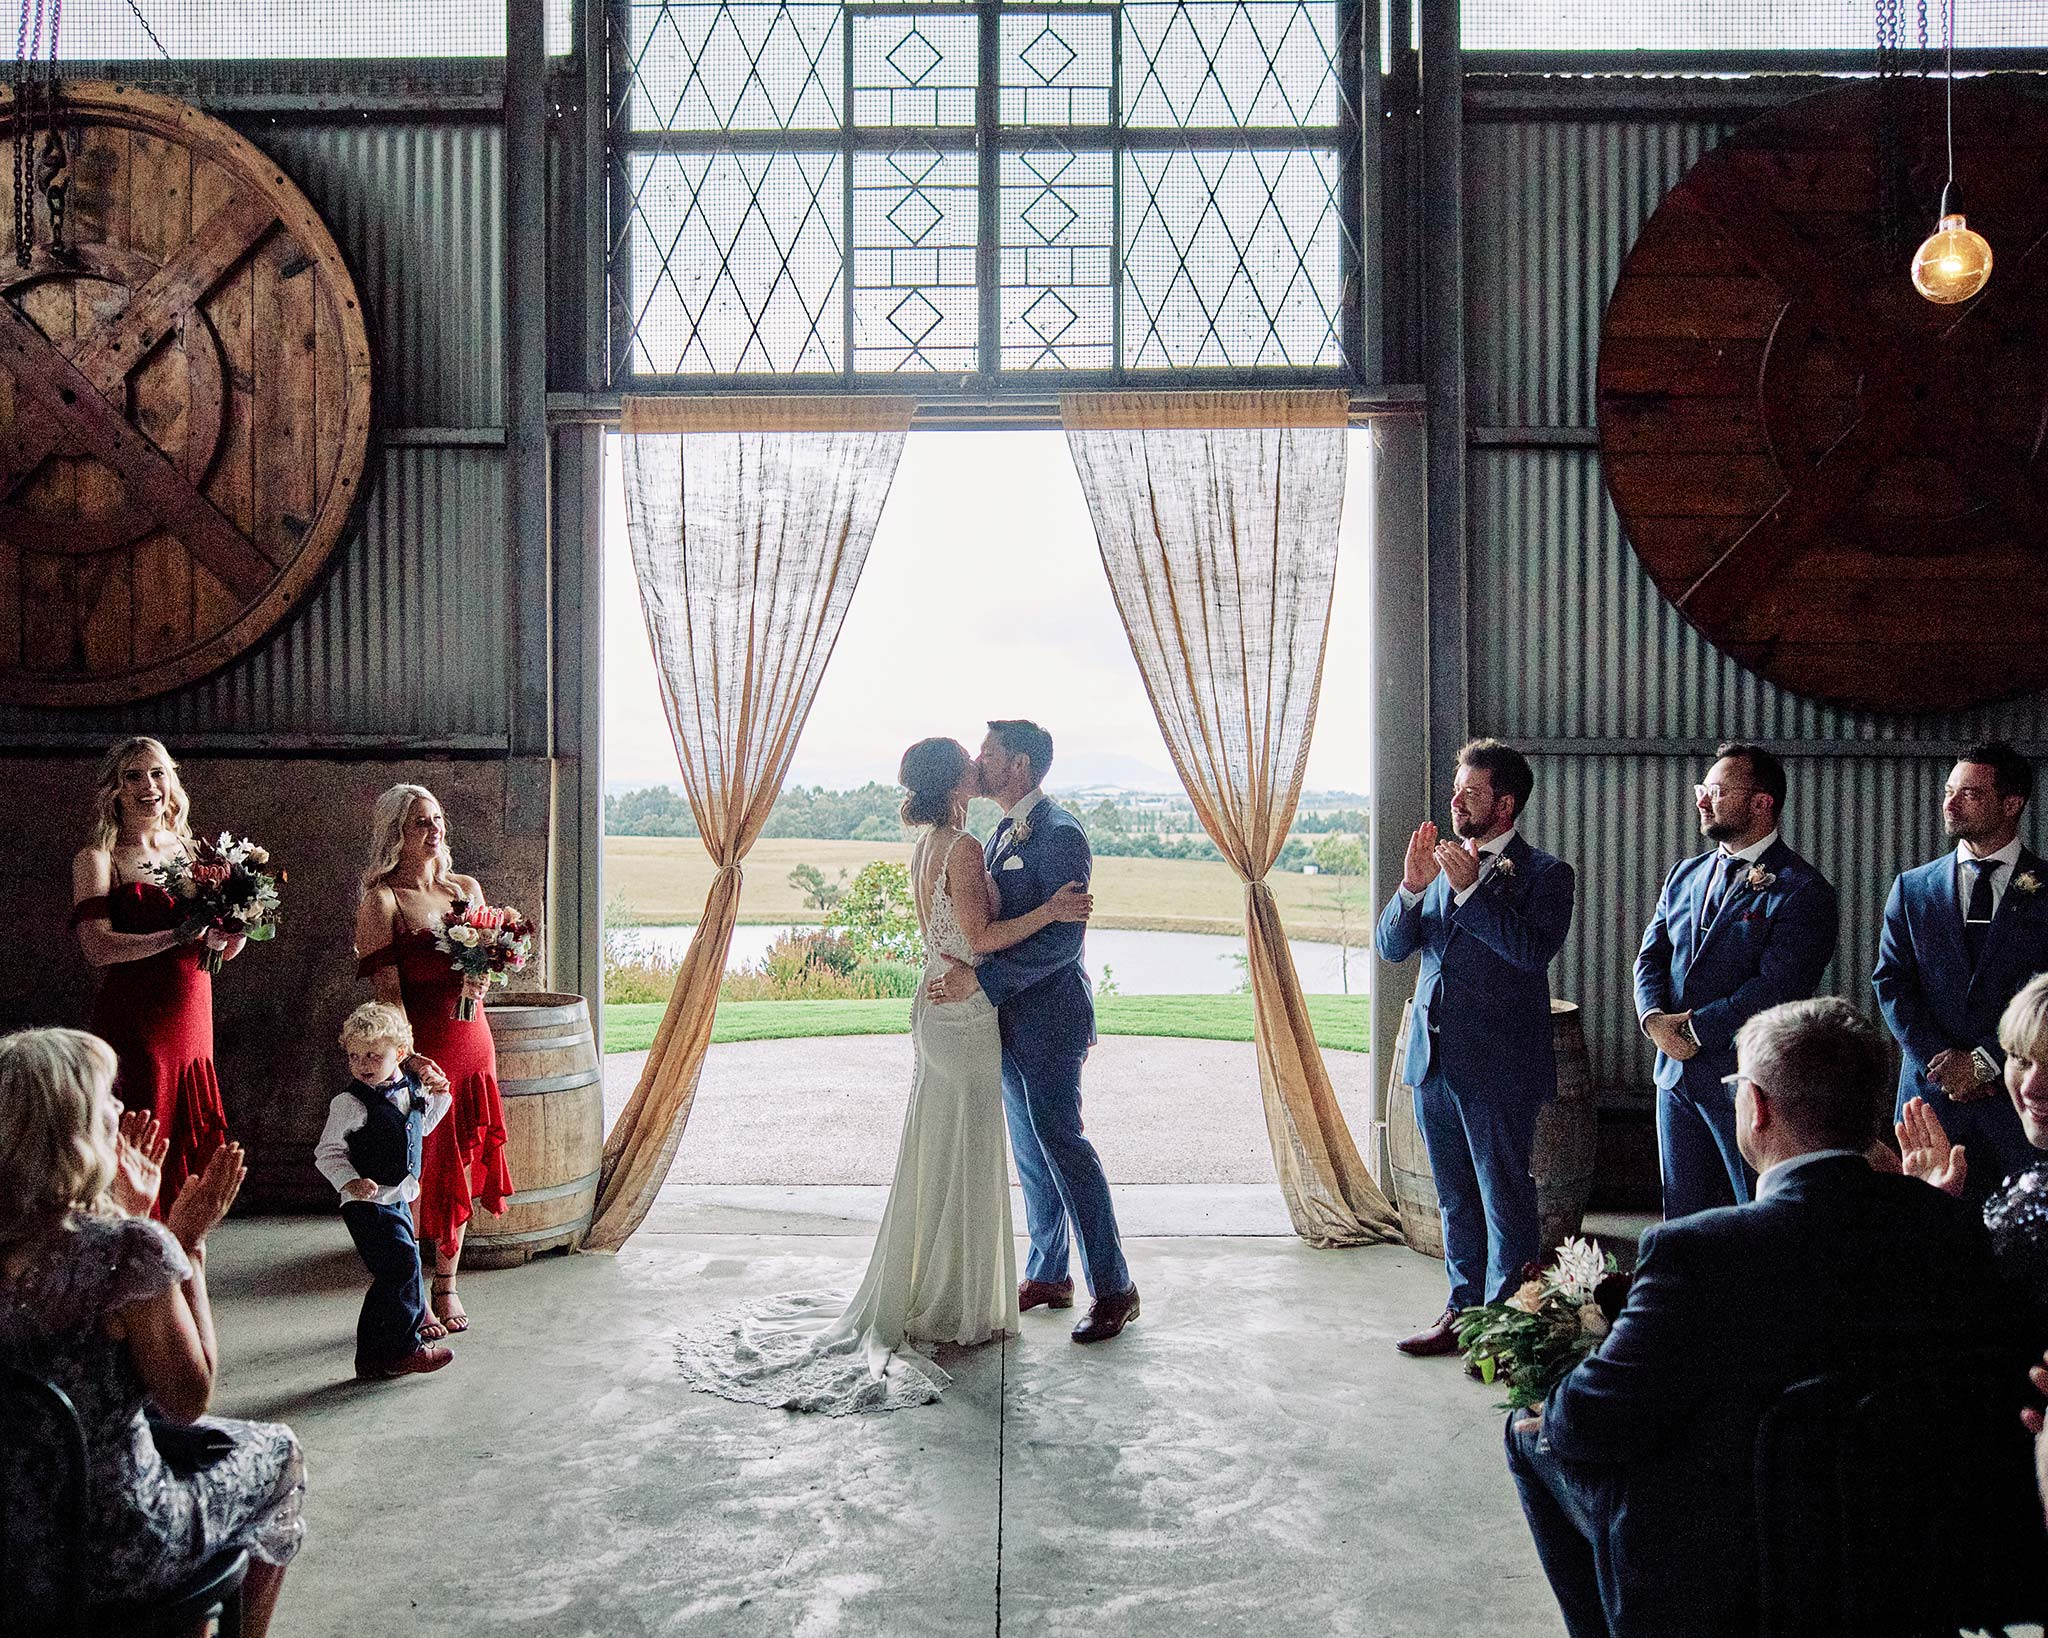 Zonzo estate wedding ceremony kiss